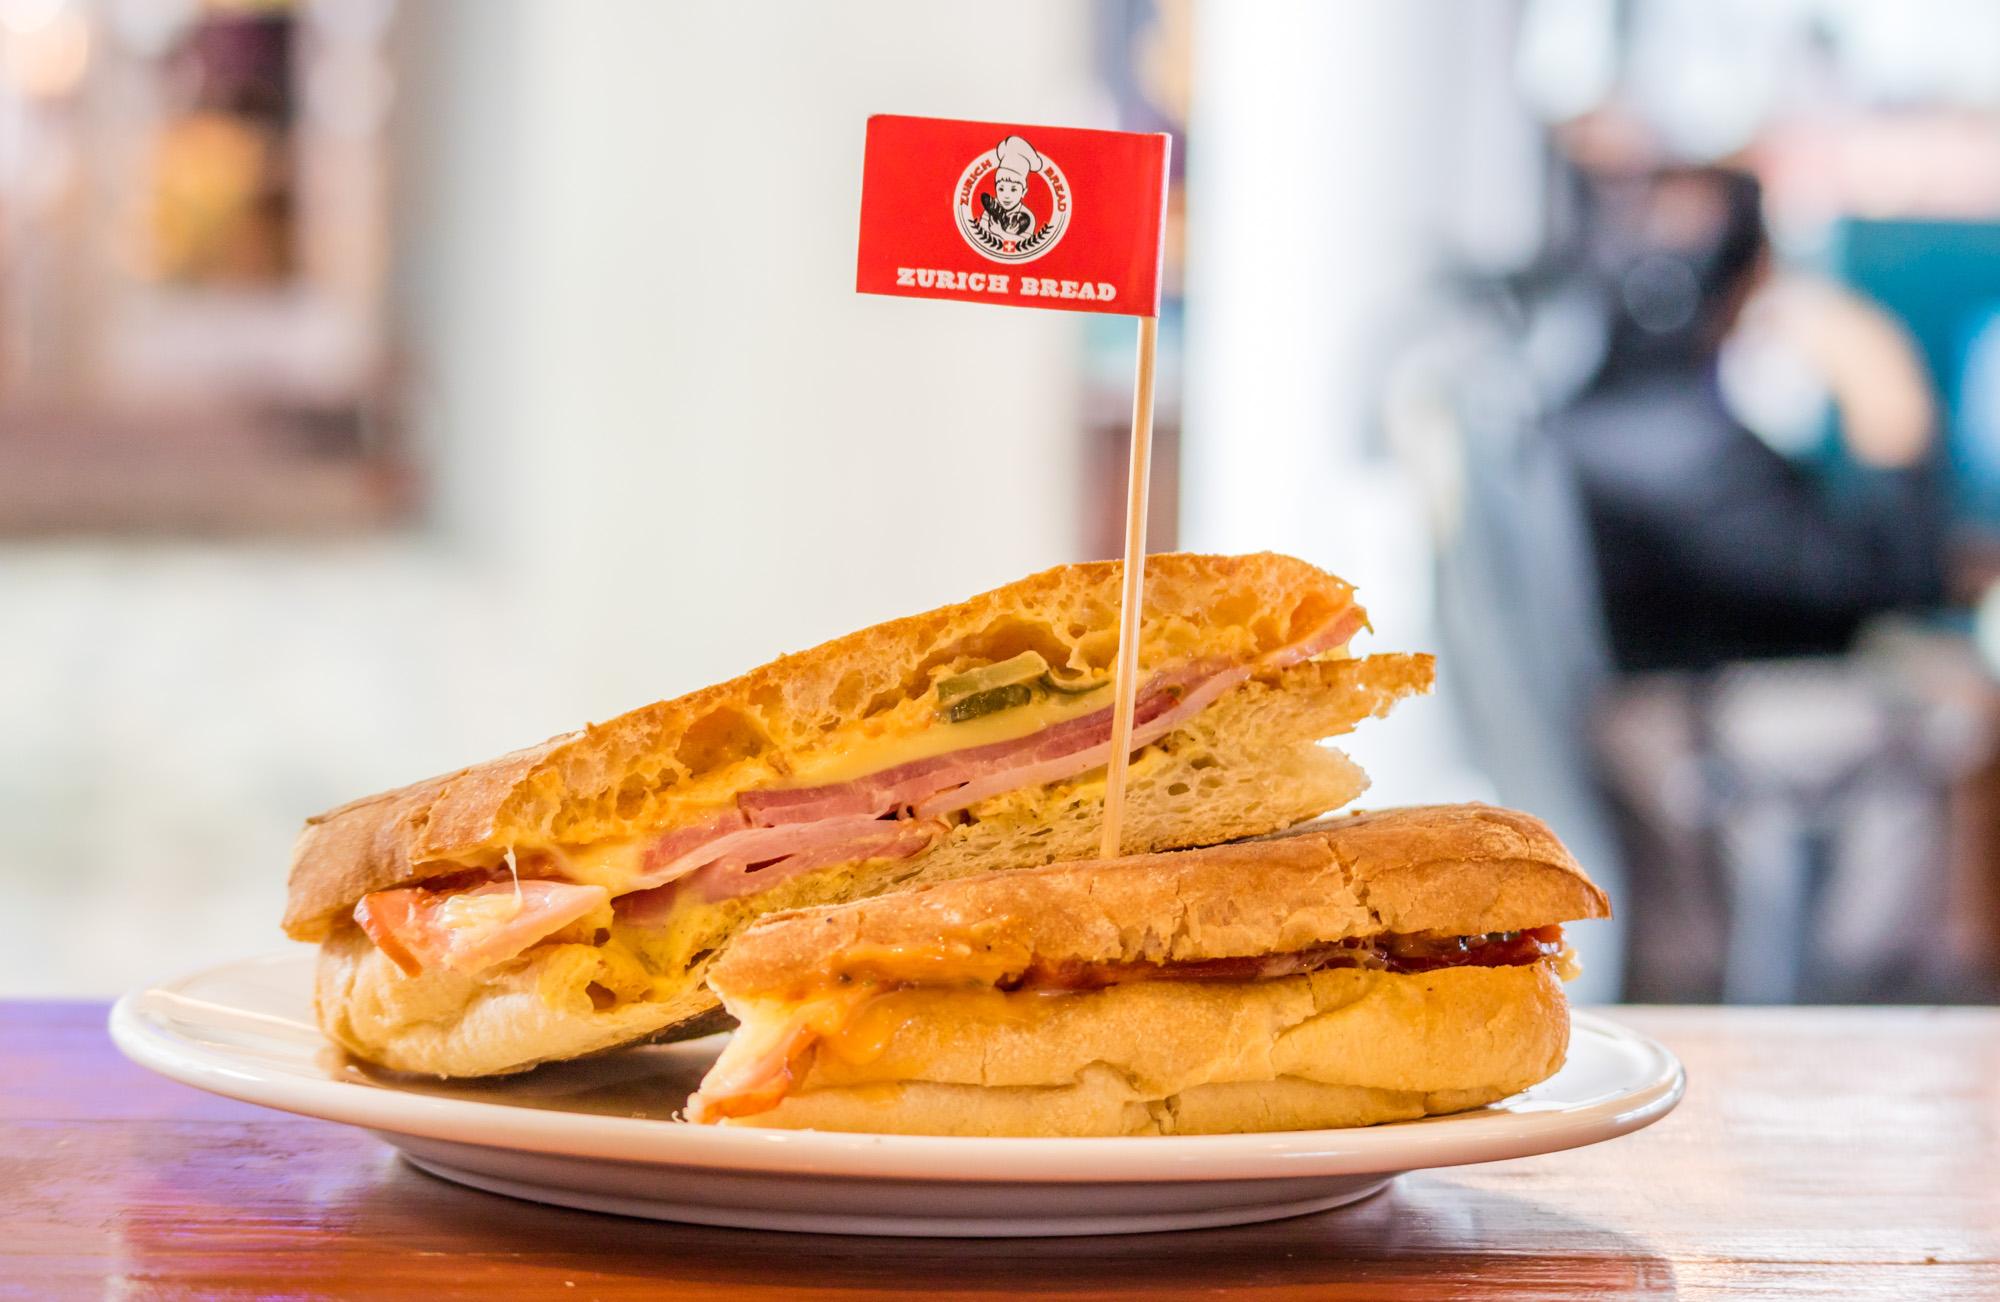 Bacon & Egg Bagel  ร้านอาหารแนะนำ ในอาคารผู้โดยสารขาออกระหว่างประเทศ ท่าอากาศยานภูเก็ต IMG 8246